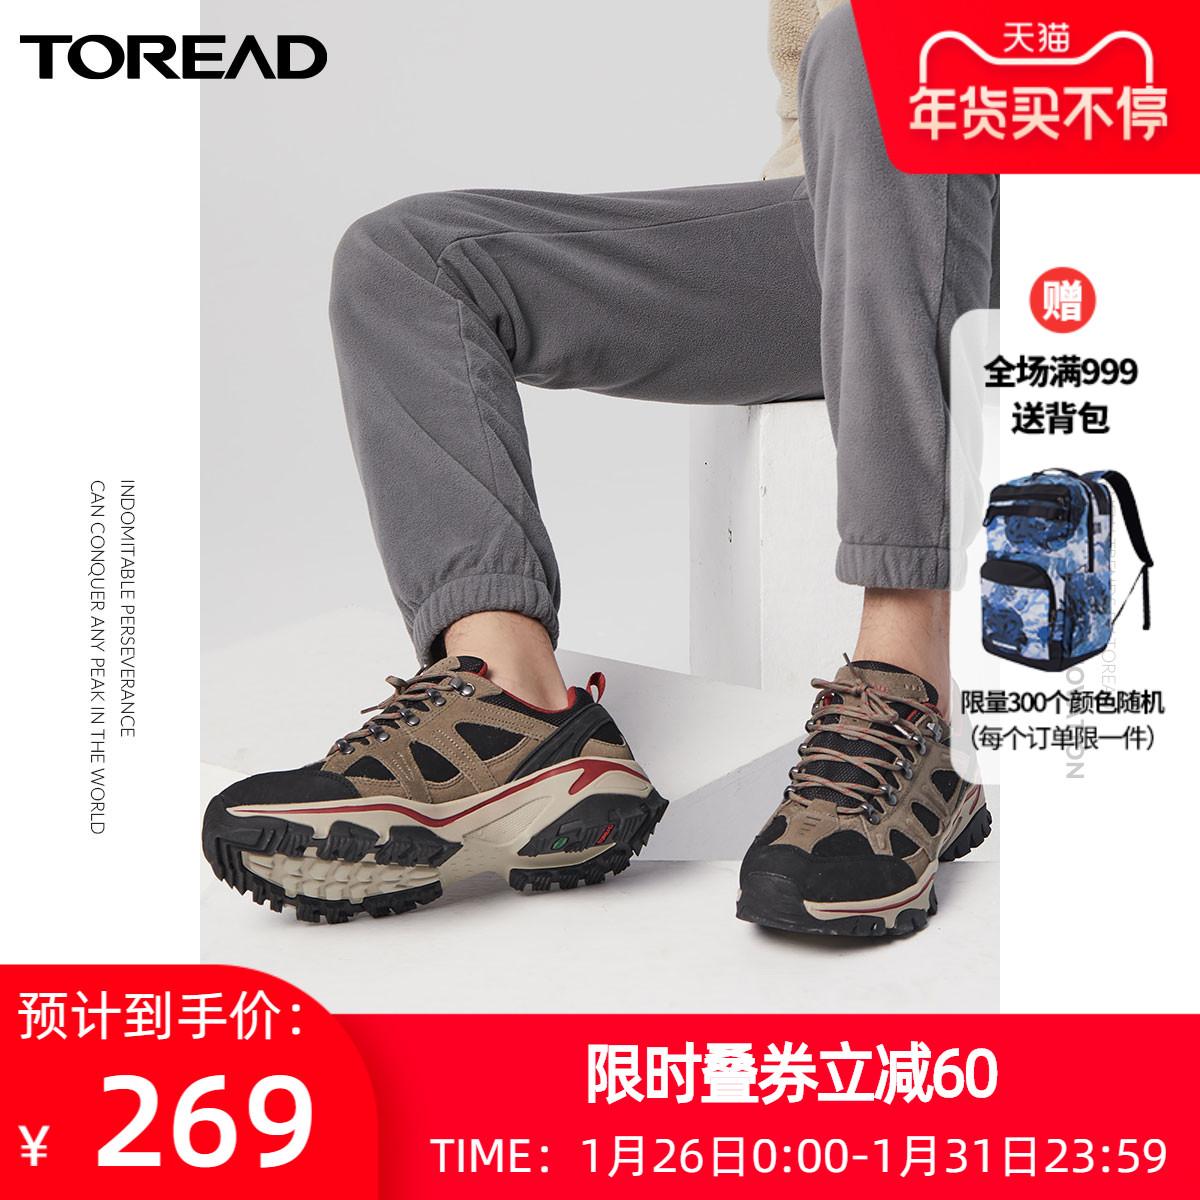 探路者户外运动徒步登山鞋男低帮爬山鞋女轻便山地防滑越野鞋